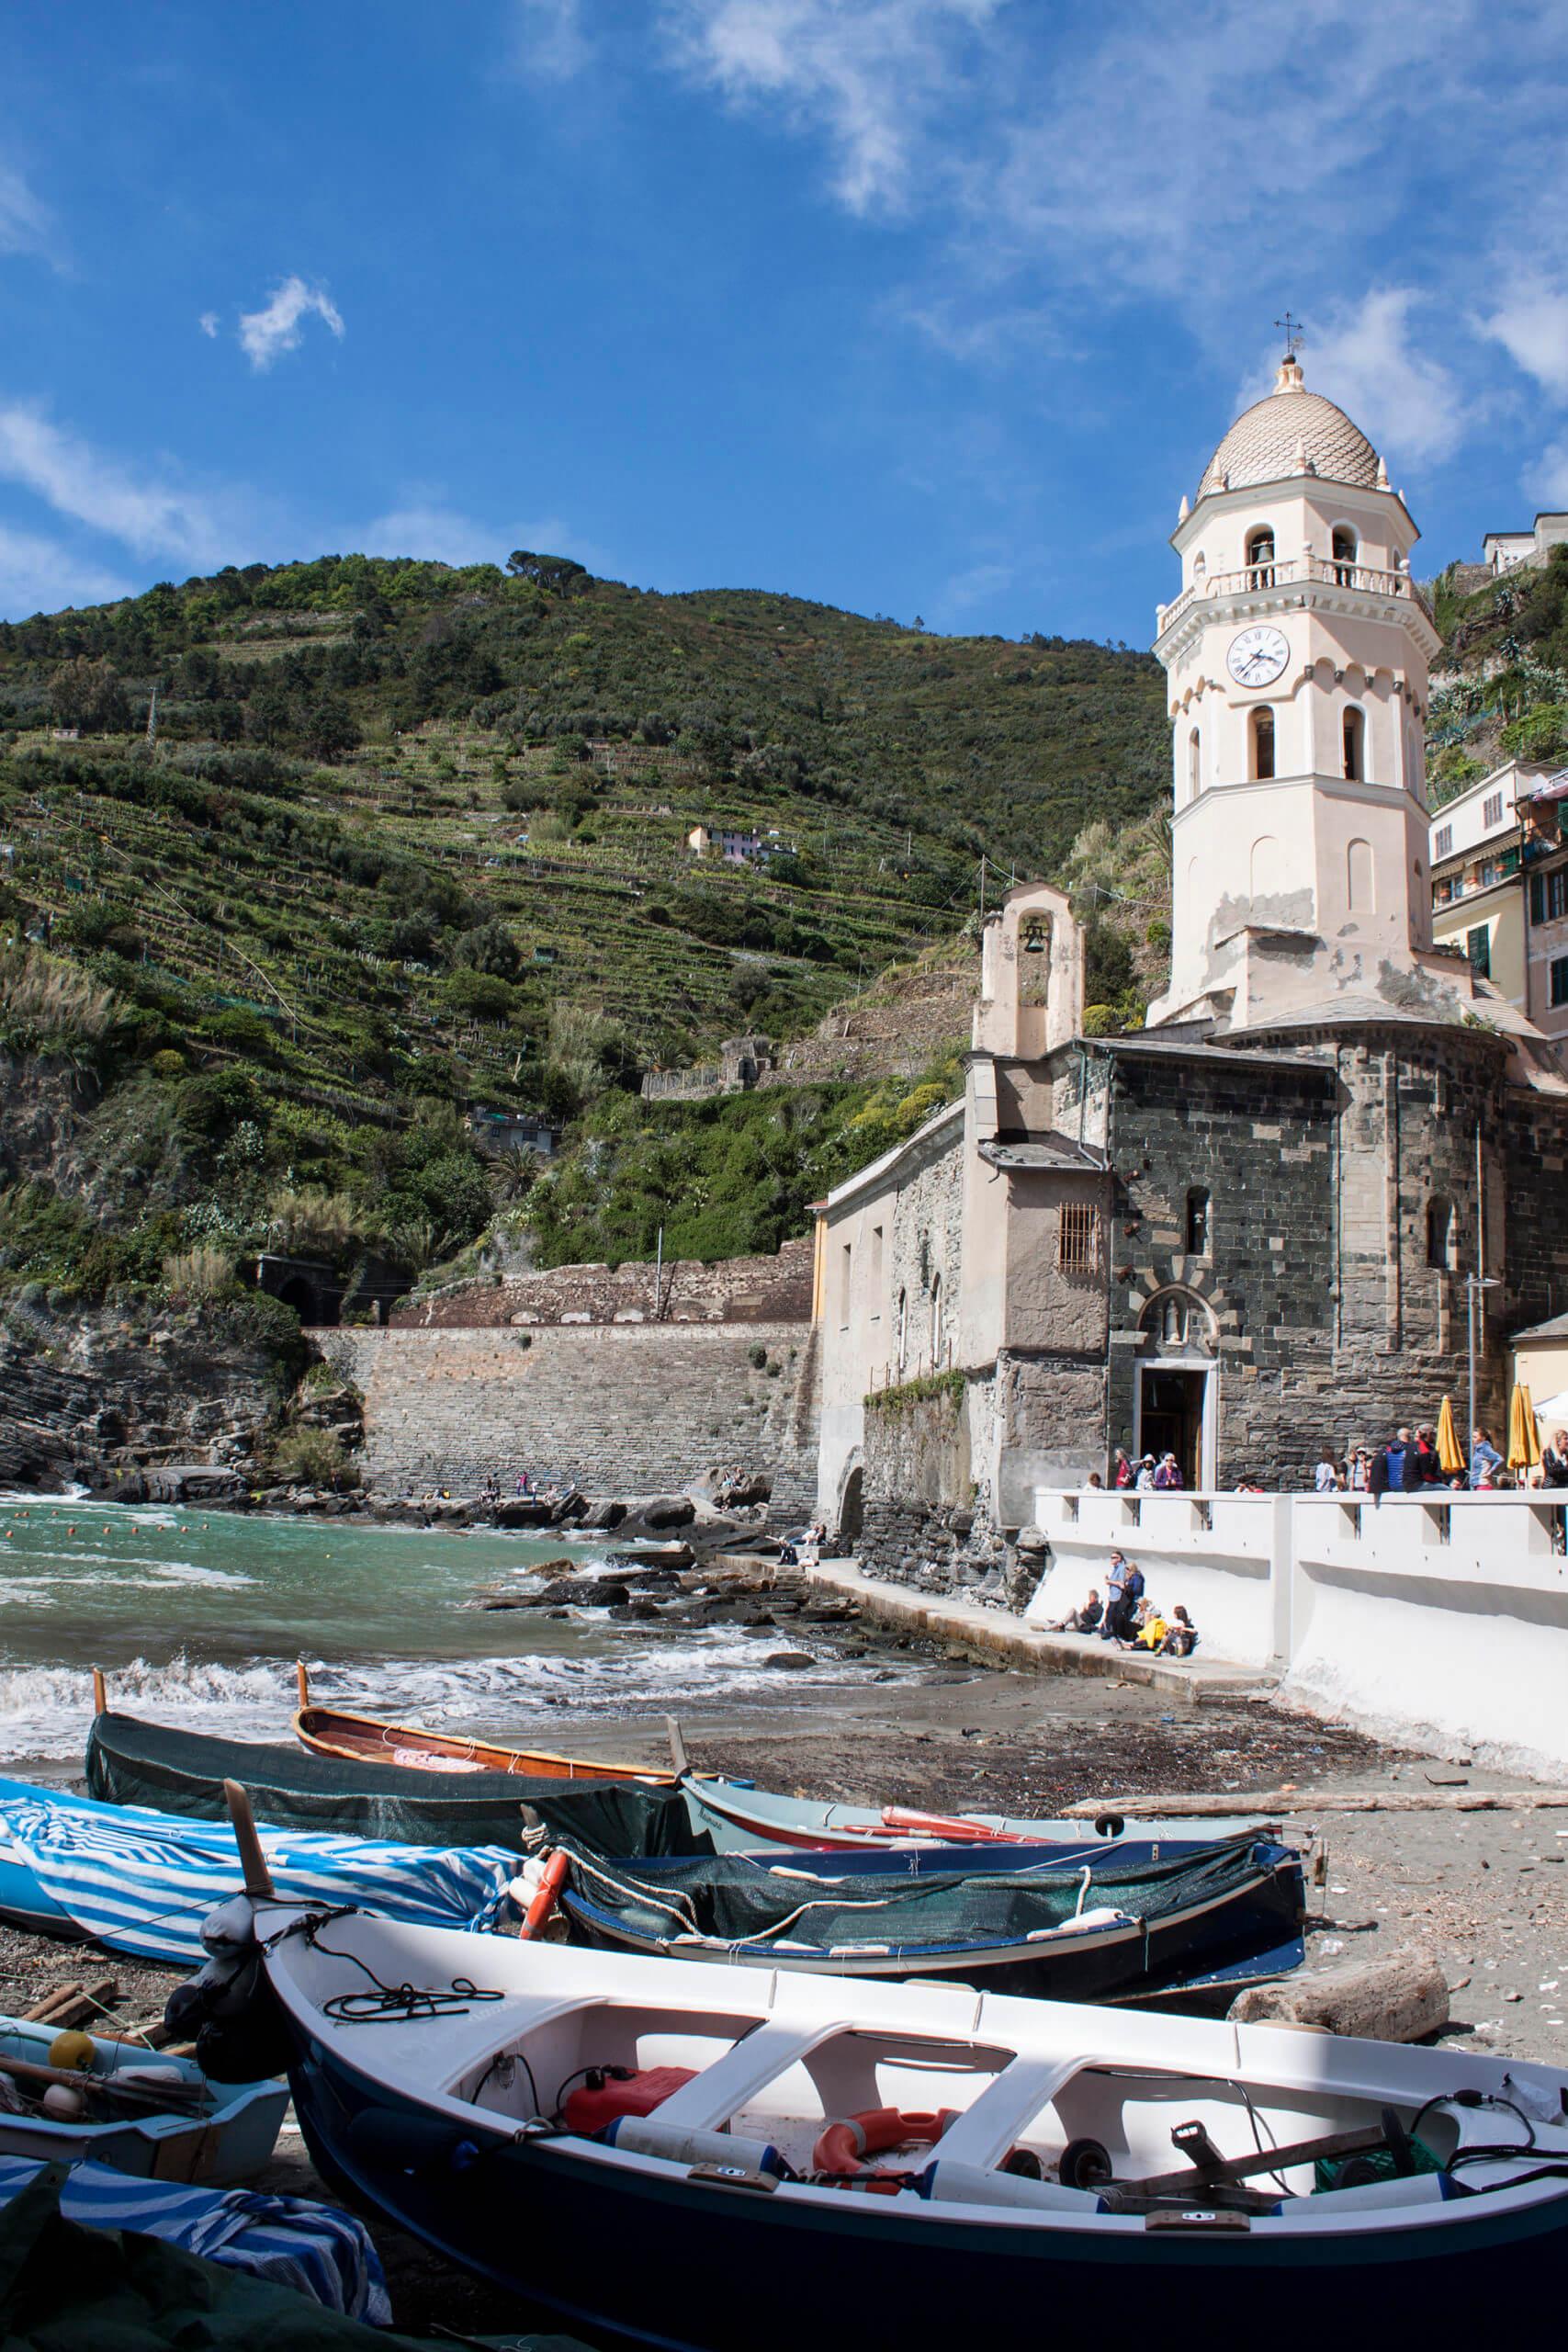 Cinque Terre en la costa mediterránea de Italia: cinco pueblos pintorescos y magnéticos